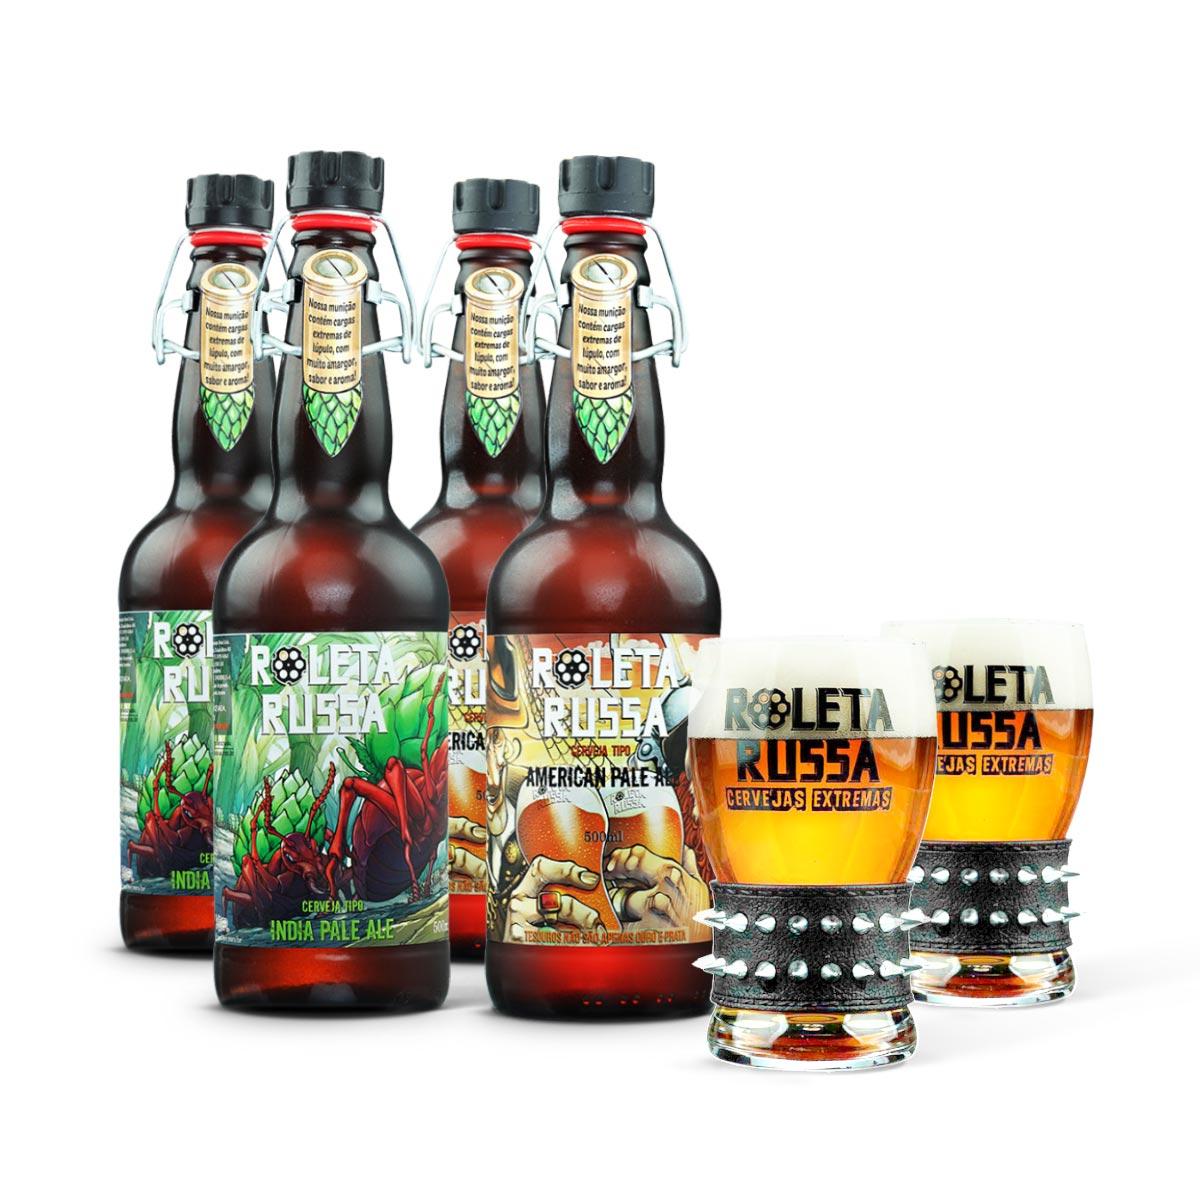 Kit presente Roleta Russa 4 cervejas 500ml + 2 copos com pulseira